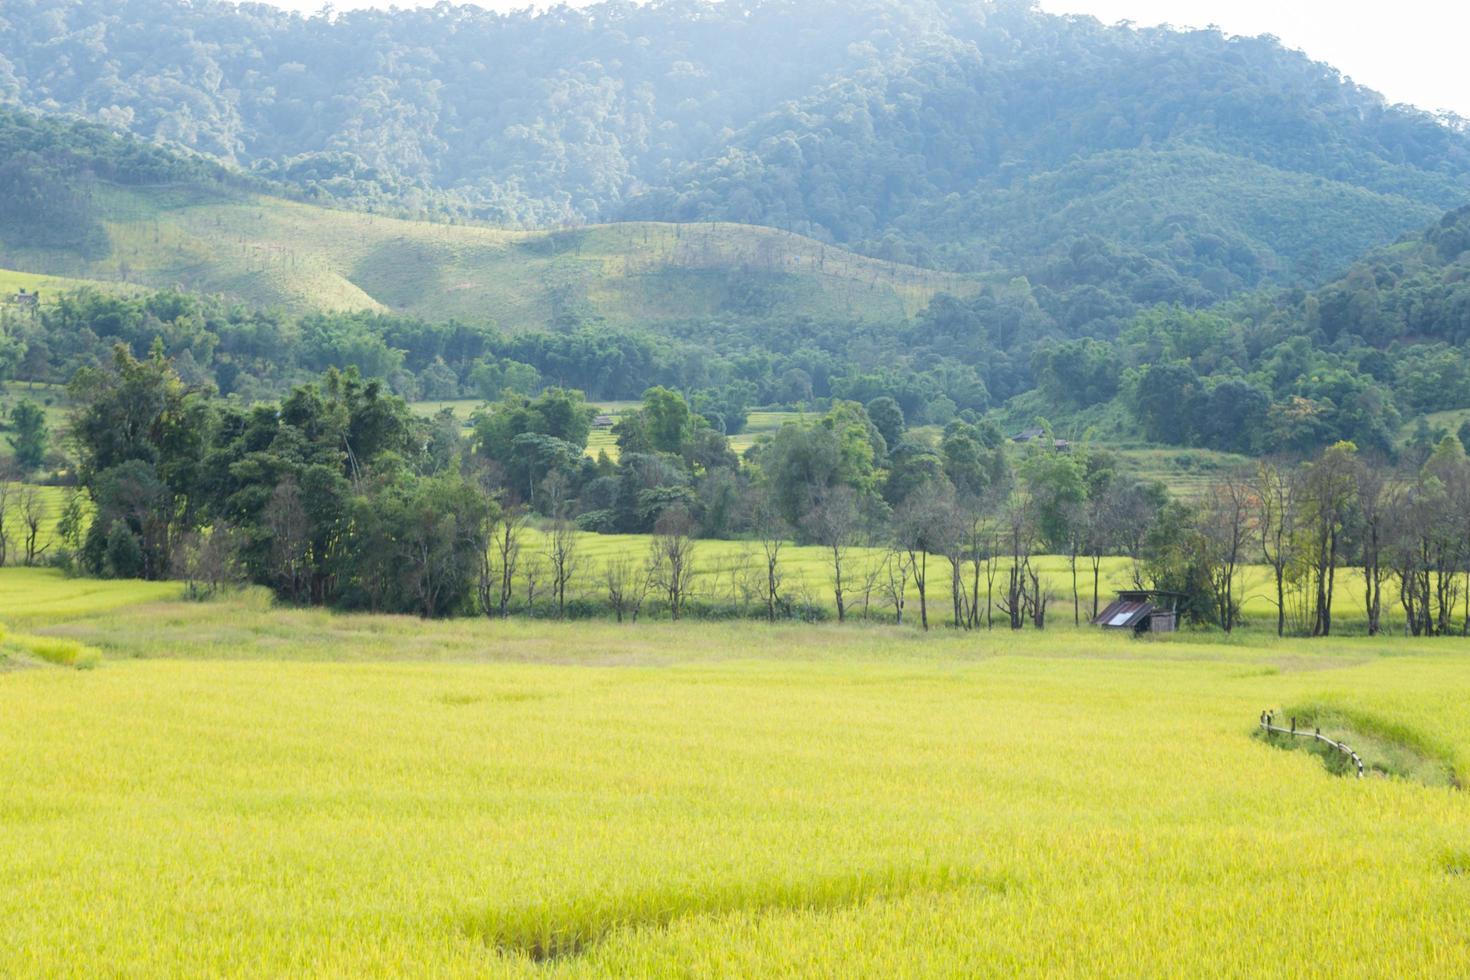 rislantgård på berget i Thailand foto